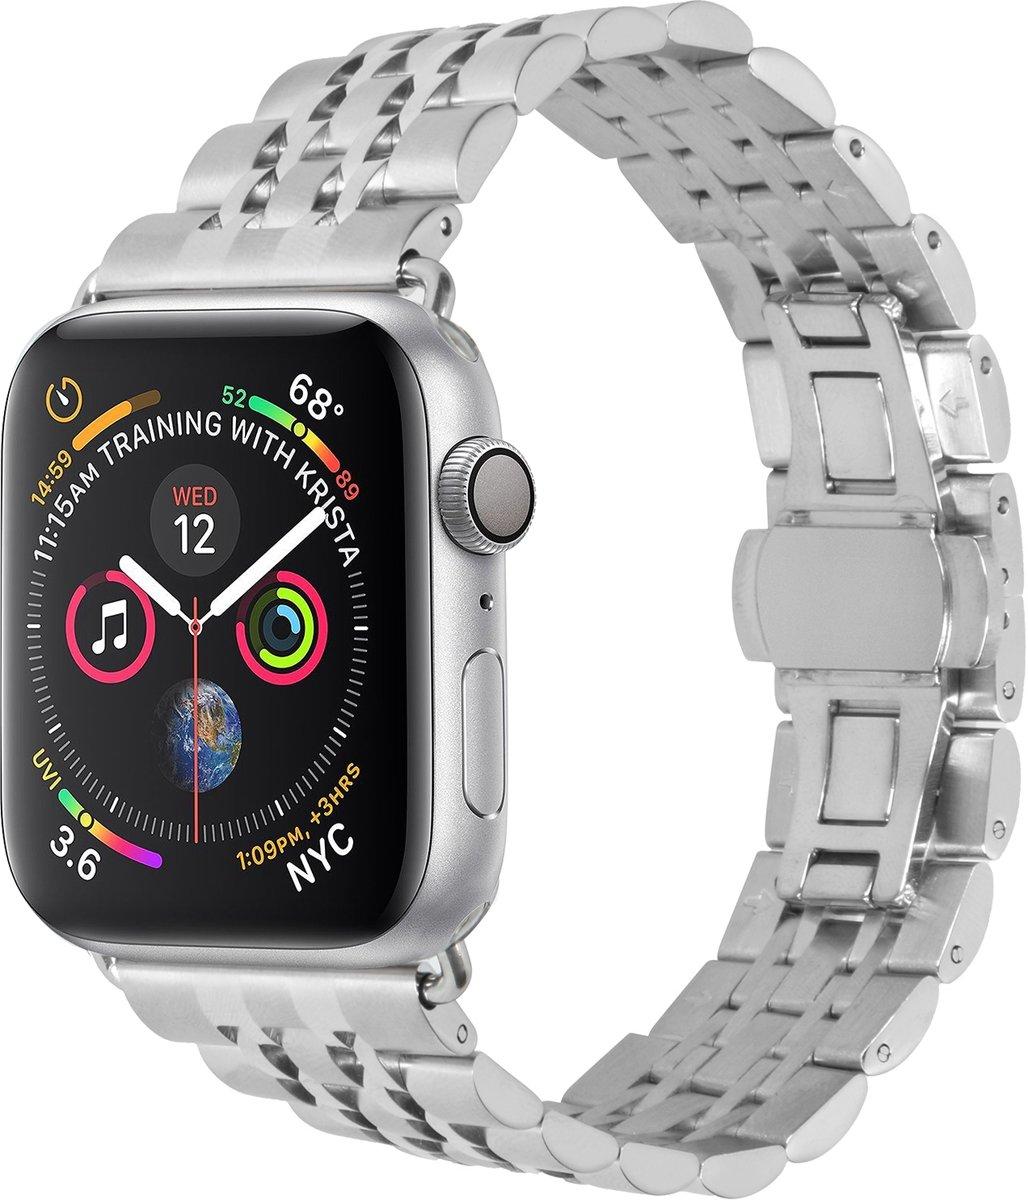 Zilver Stainless Steel bandje voor de Apple Watch 40 / 38 mm kopen